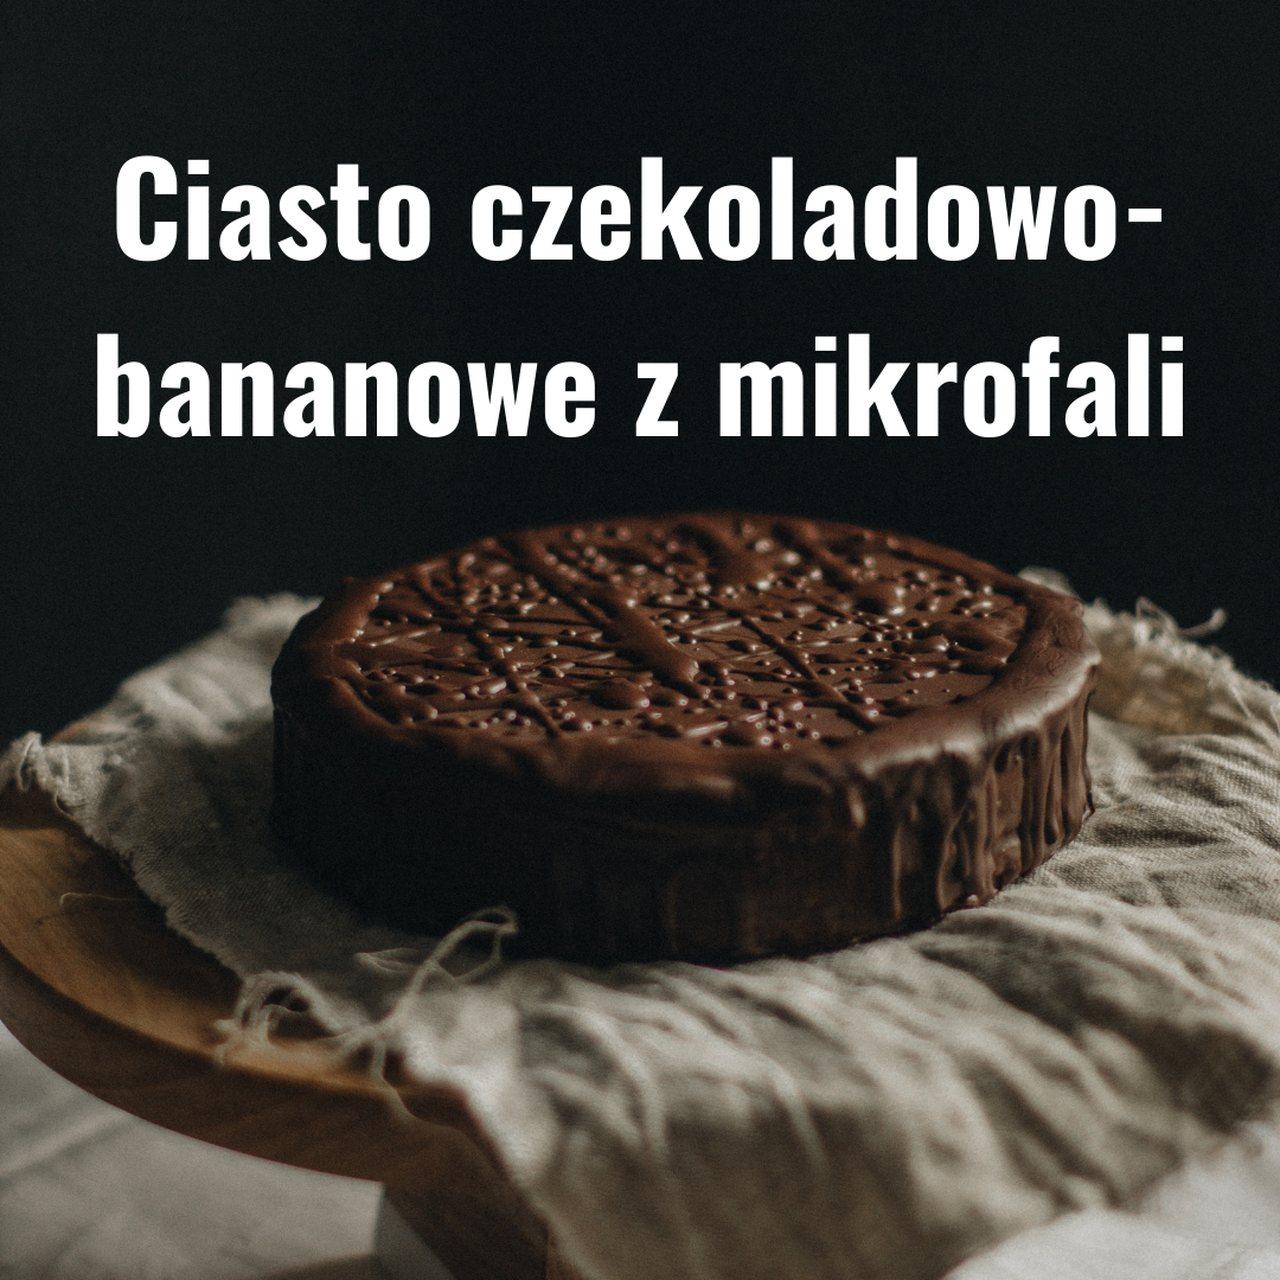 Ciasto czekoladowo-bananowe z mikrofali